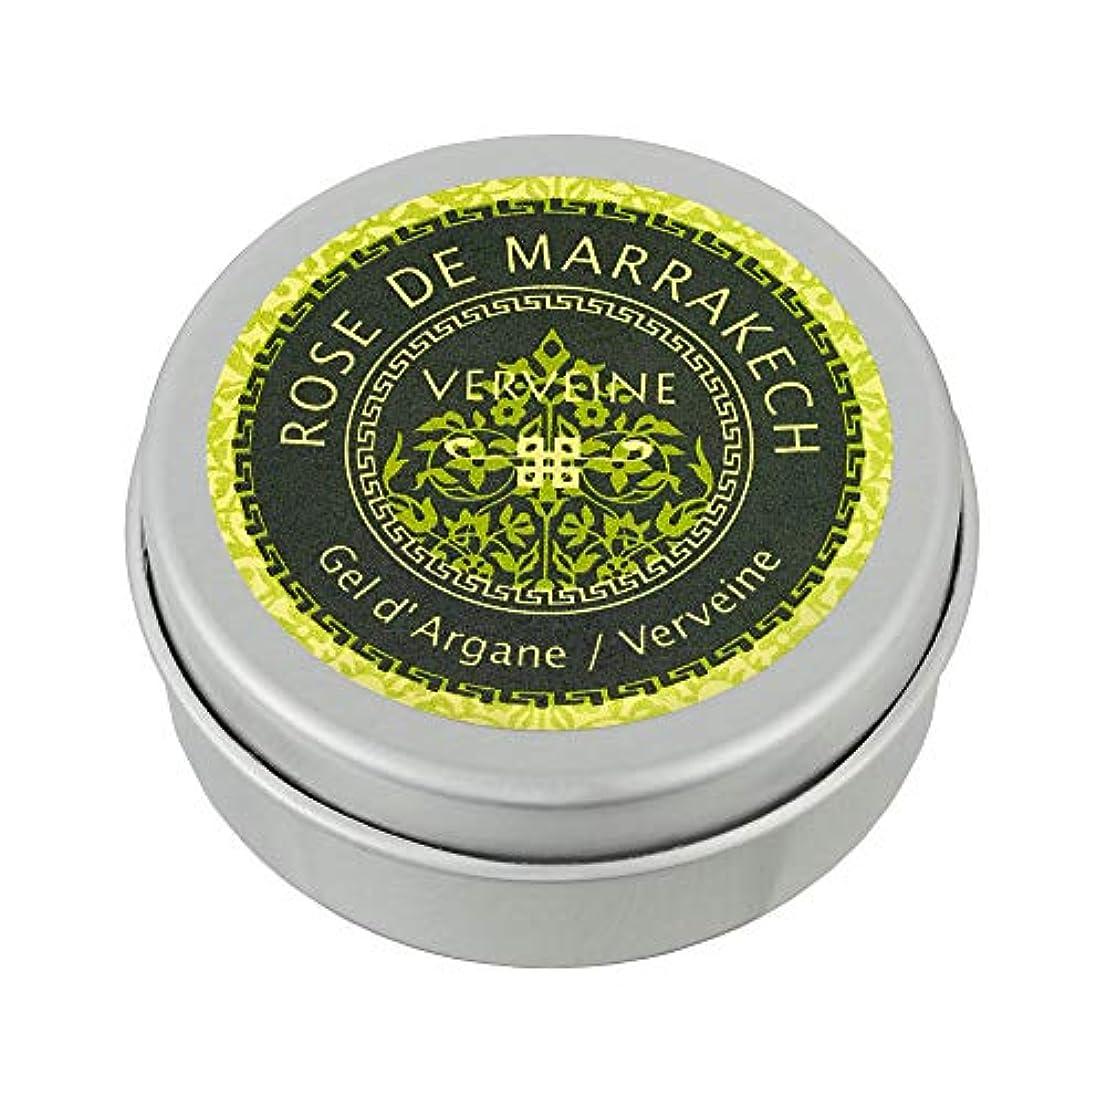 解放人気バッジローズ ド マラケシュ ジェル ド ヴェルヴェーン 15g( アルガンオイル 70%配合、レモンバーベナの香りの保湿 ワックス)